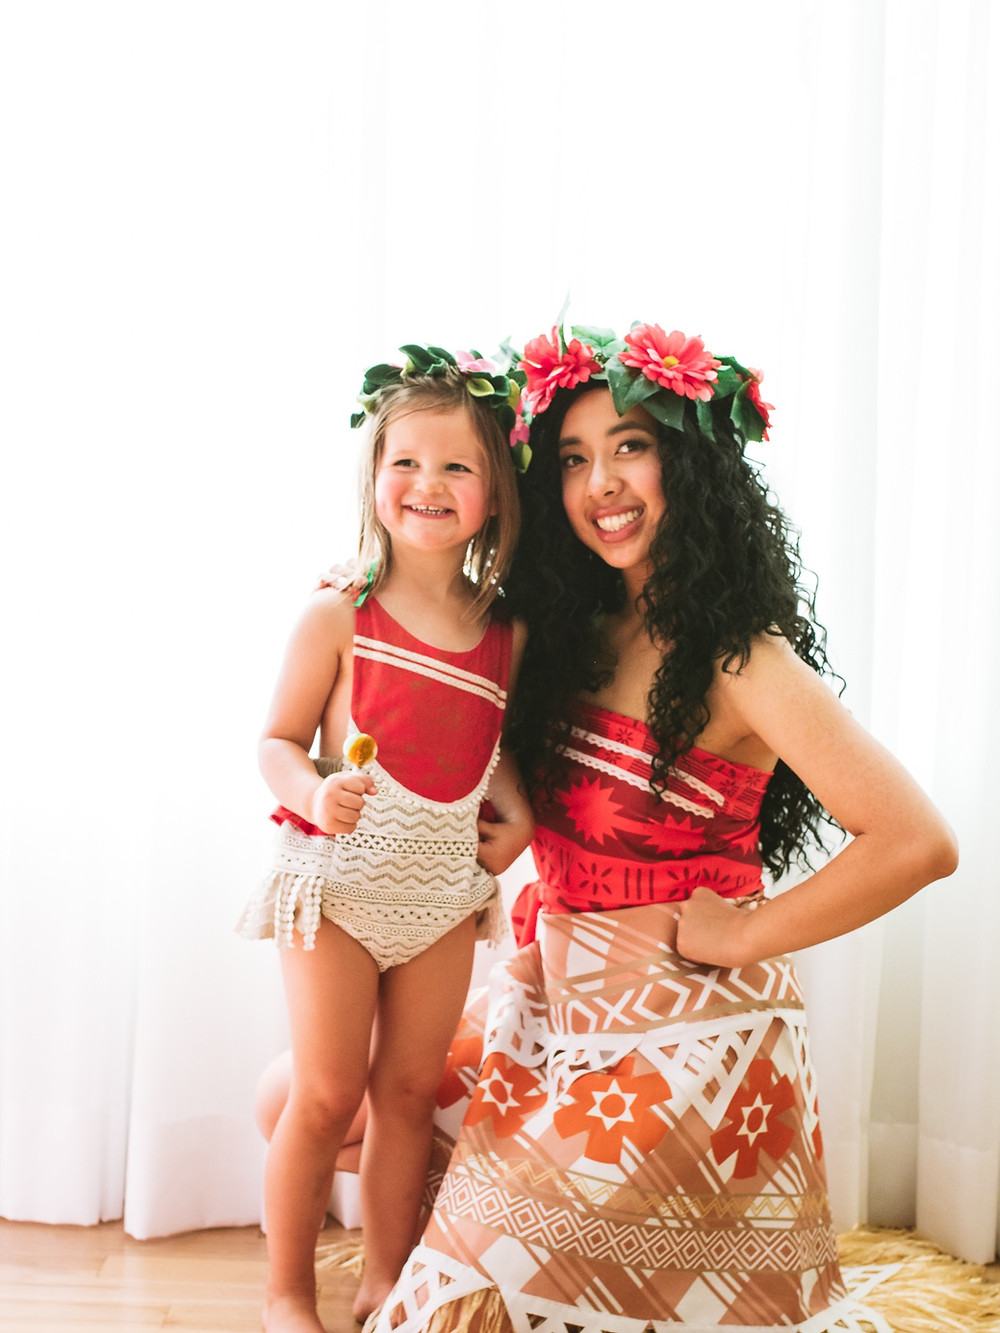 Little girl in Moana romper with Moana